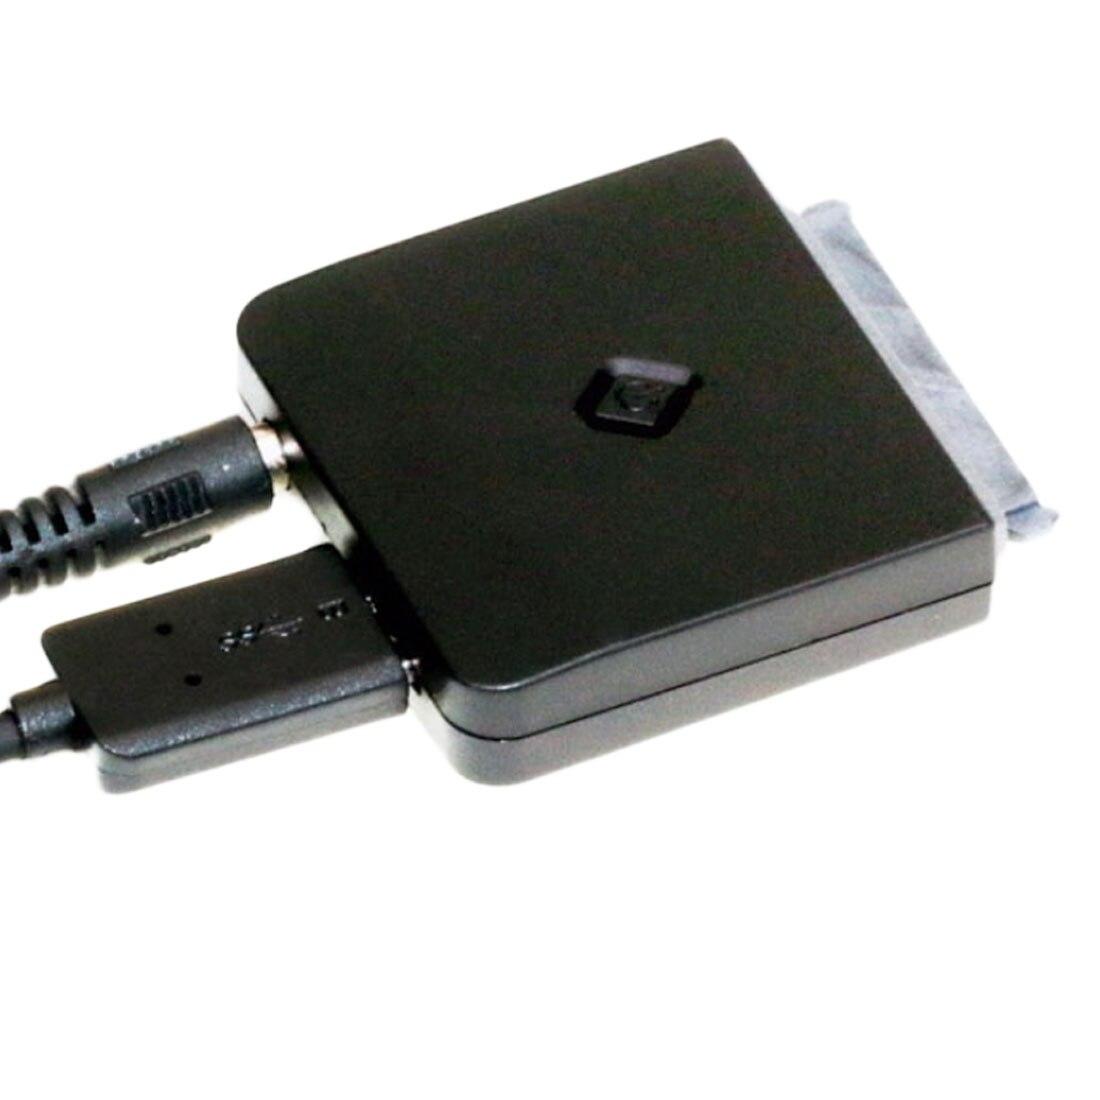 Etmakit 2,5/3,5 pulgadas Sata a USB 3,0 Disco Duro SSD USB a convertidor de Sata HDD con el poder adaptador para IOS Win7 Win8 Win10